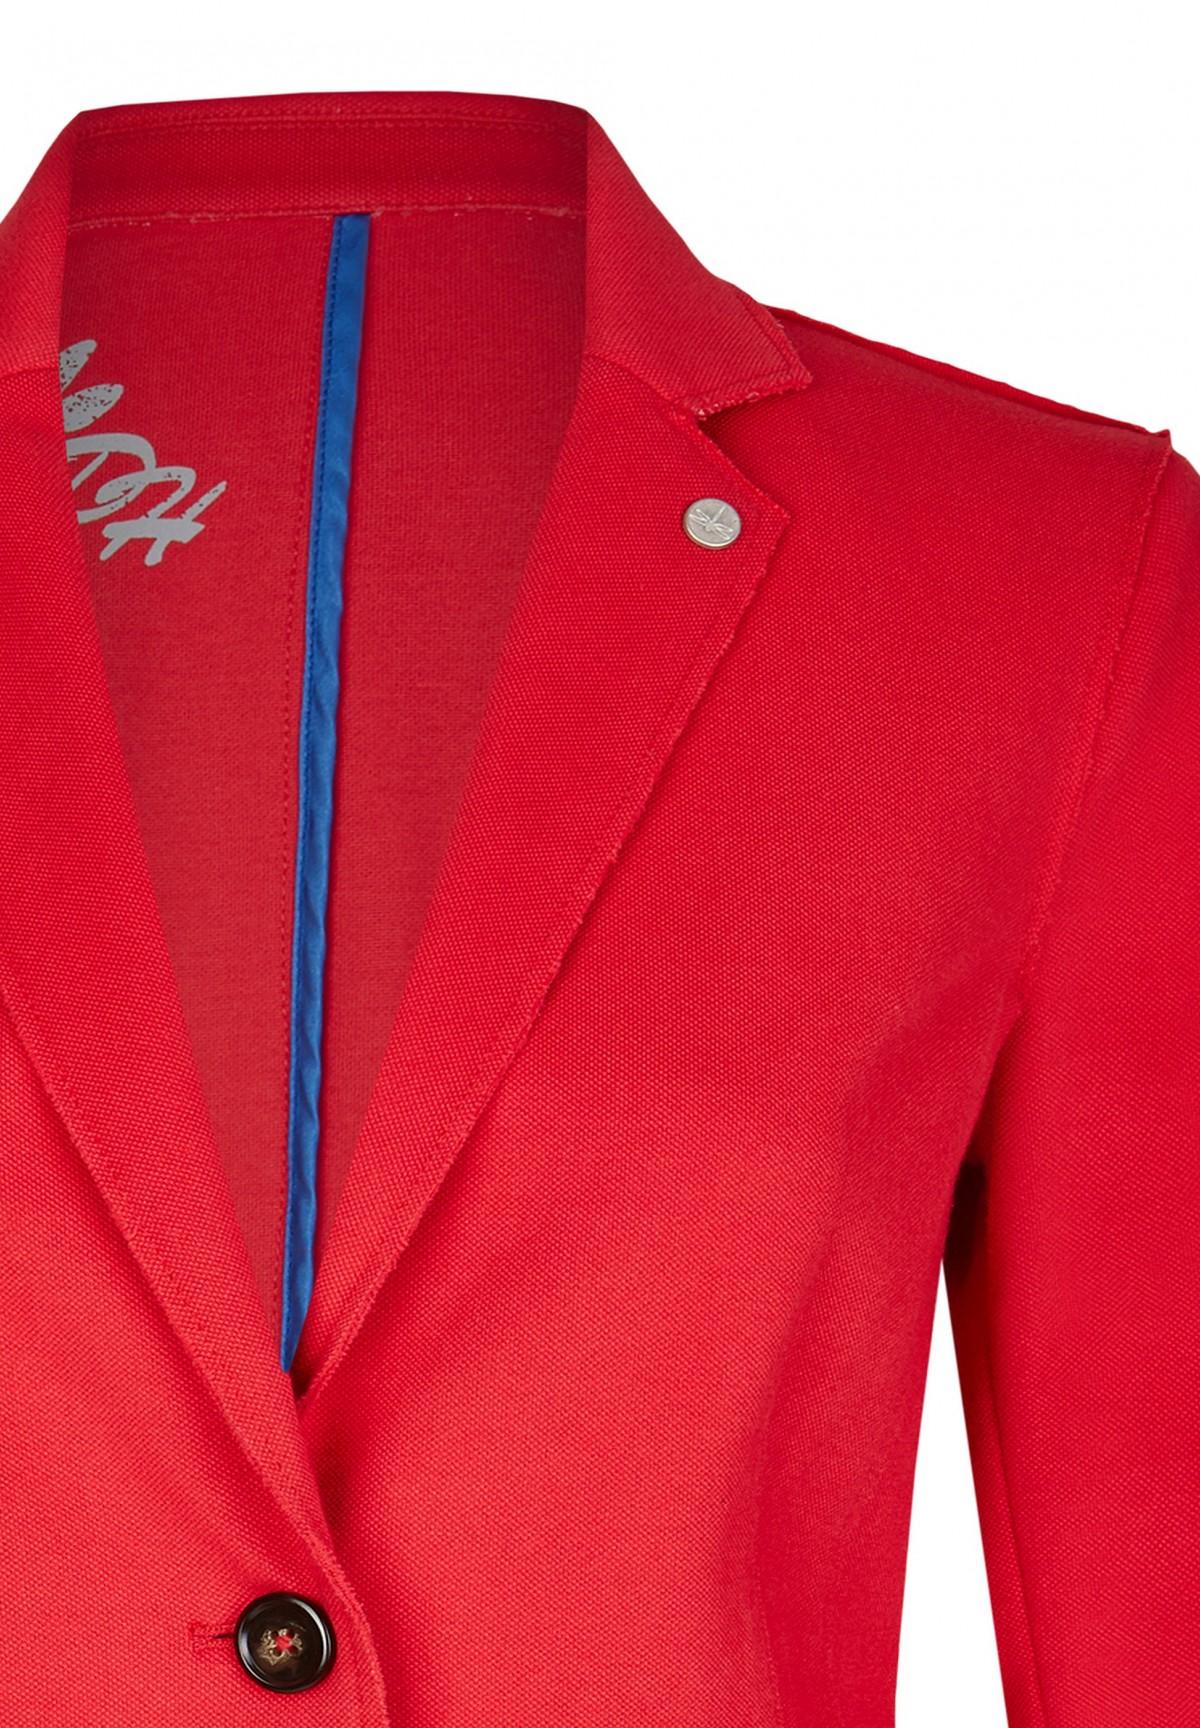 Sportiver Blazer mit Logo-Badge / Pique Blazer